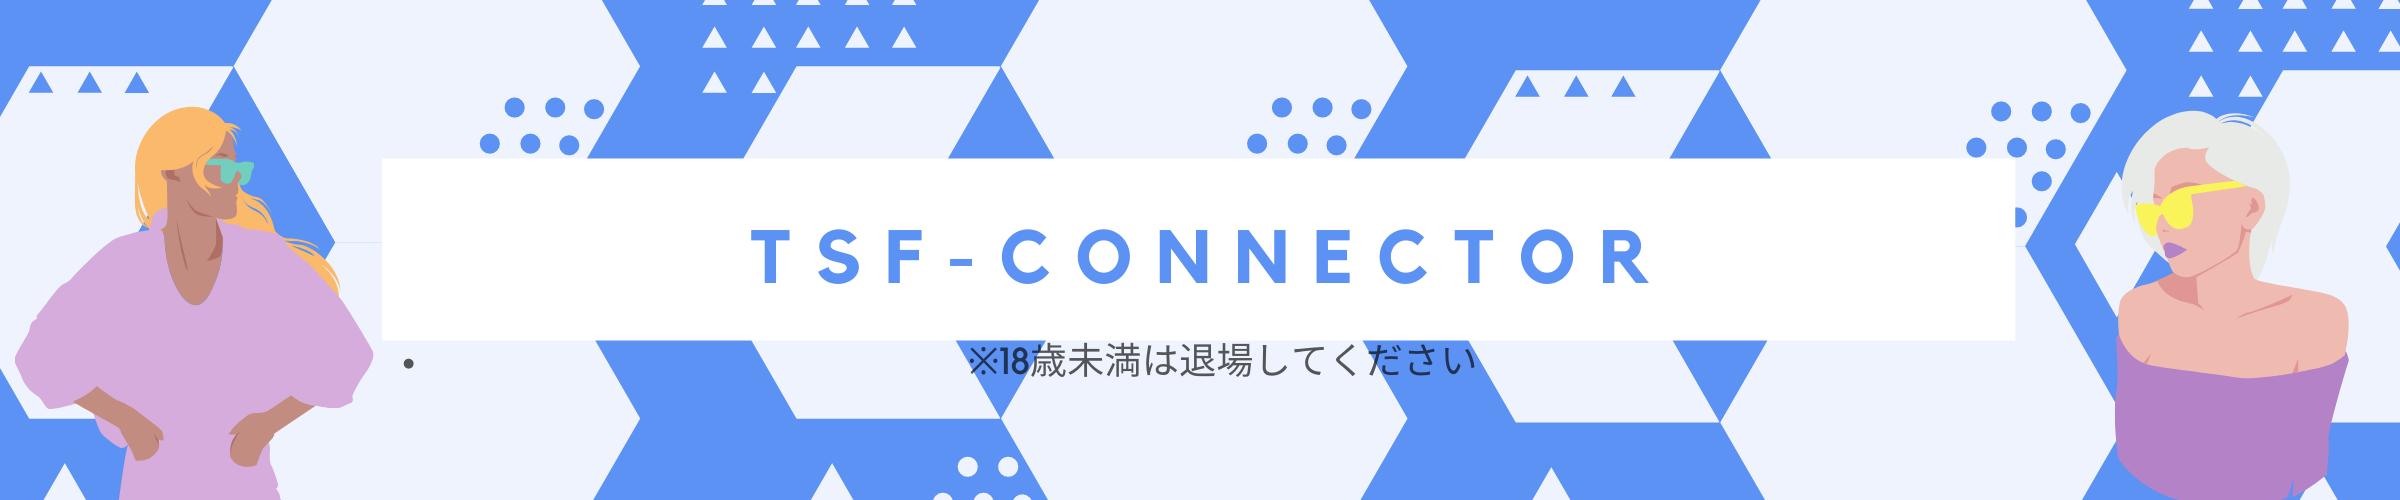 TSF-CONNECTOR